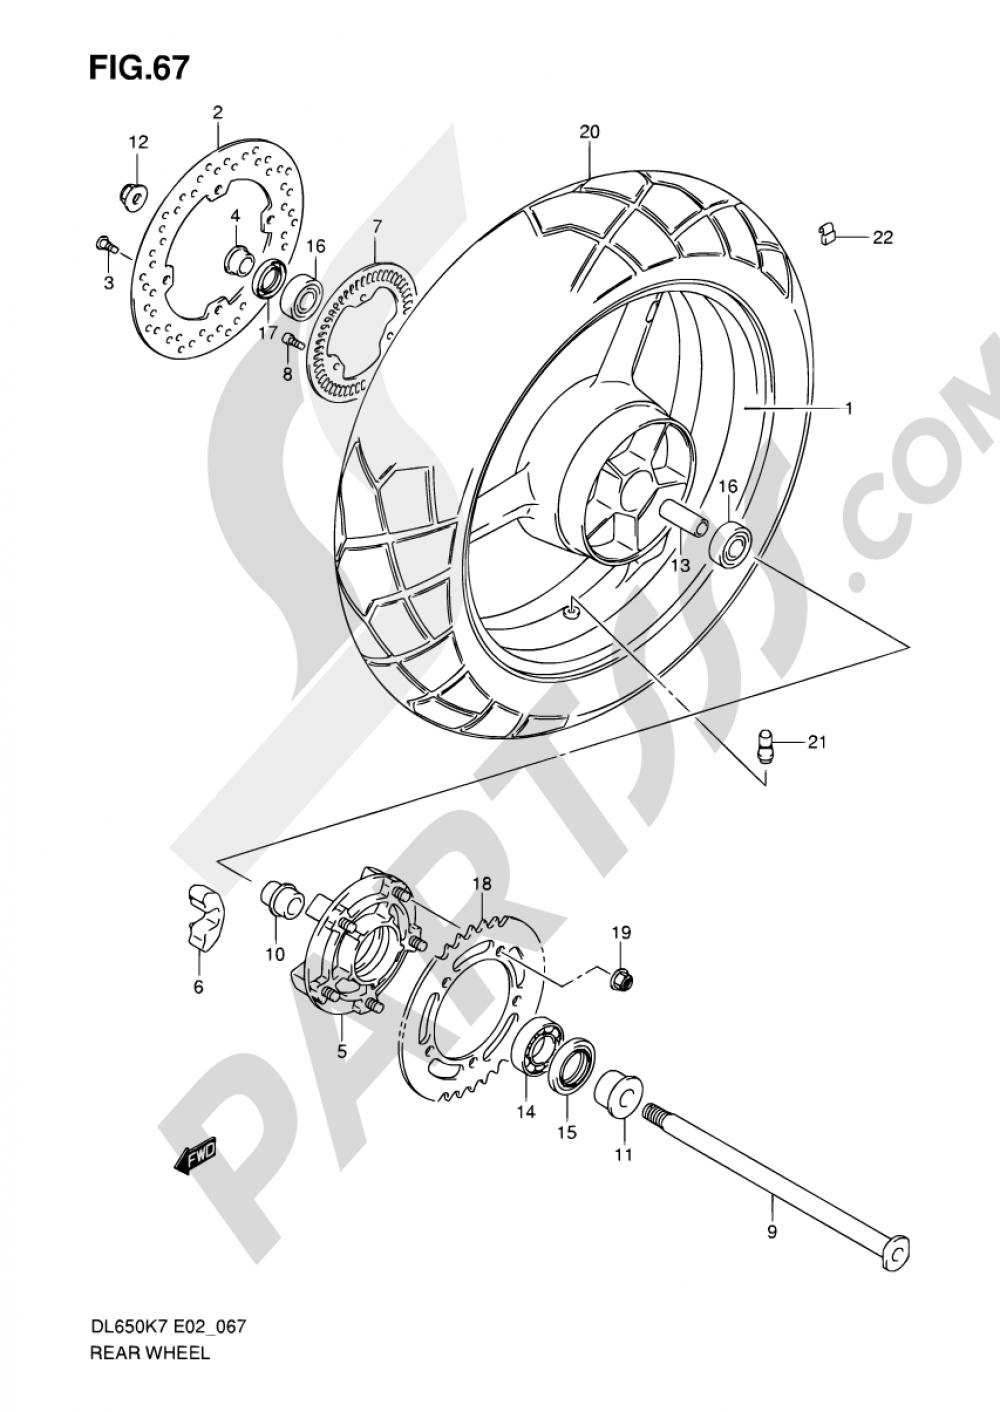 67 - REAR WHEEL (DL650AK7/AK8/AK9/AL0/AUEL0) Suzuki VSTROM DL650A 2009